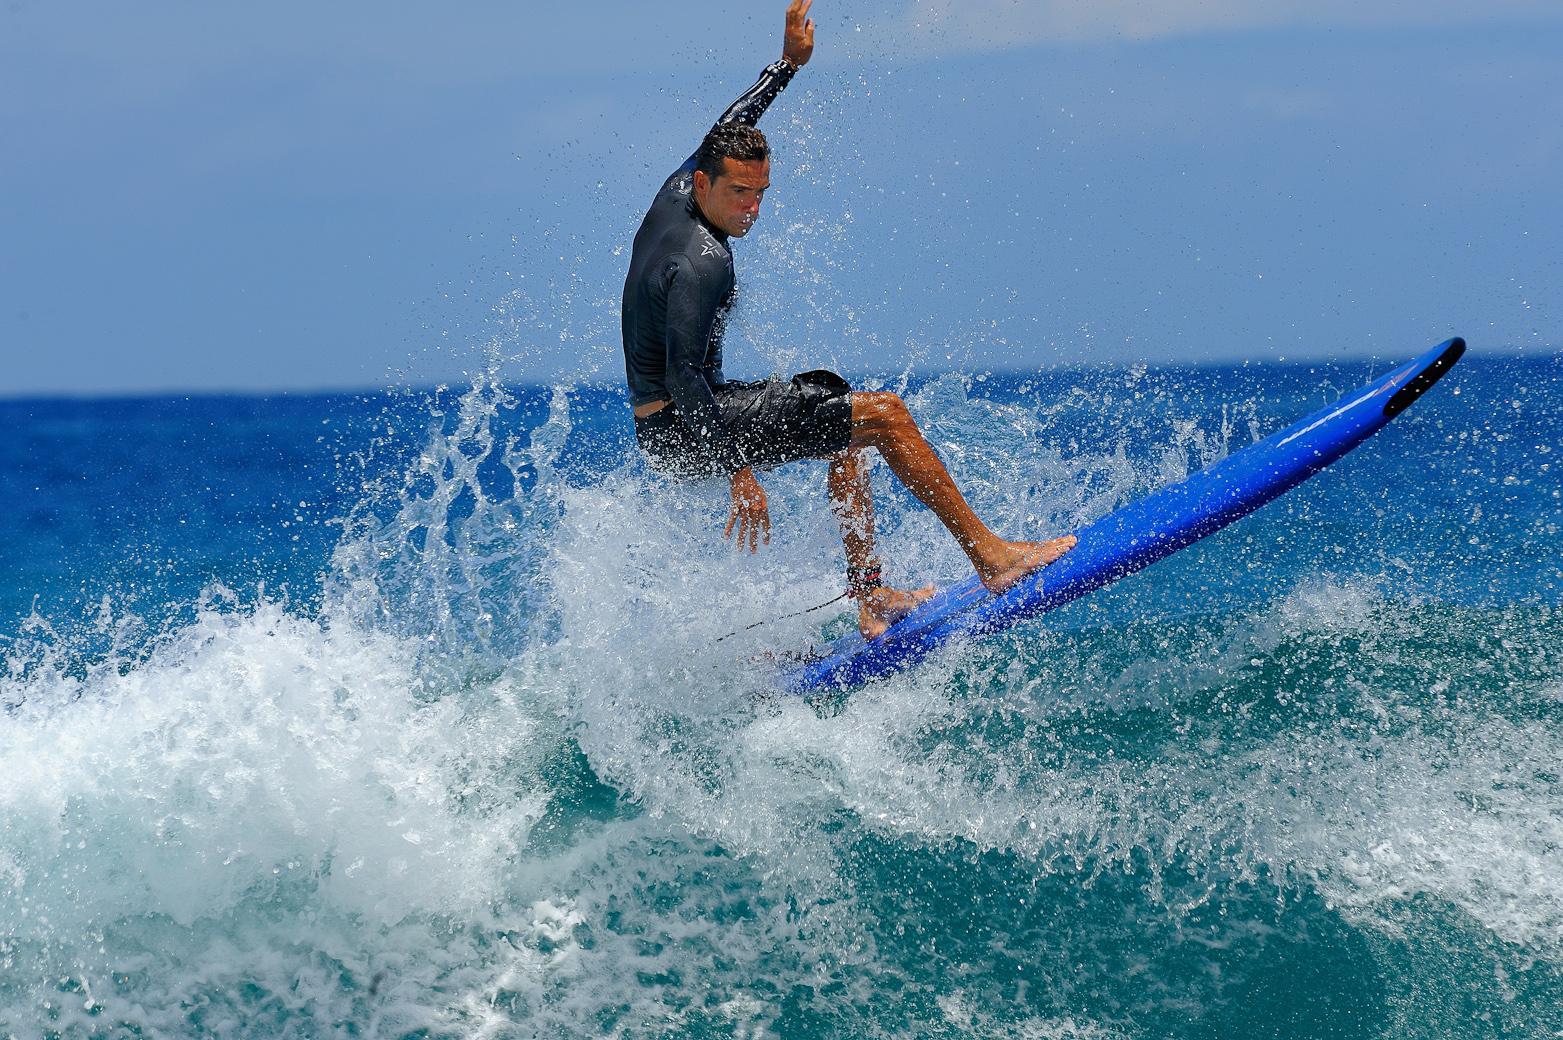 auf der Welle surfen